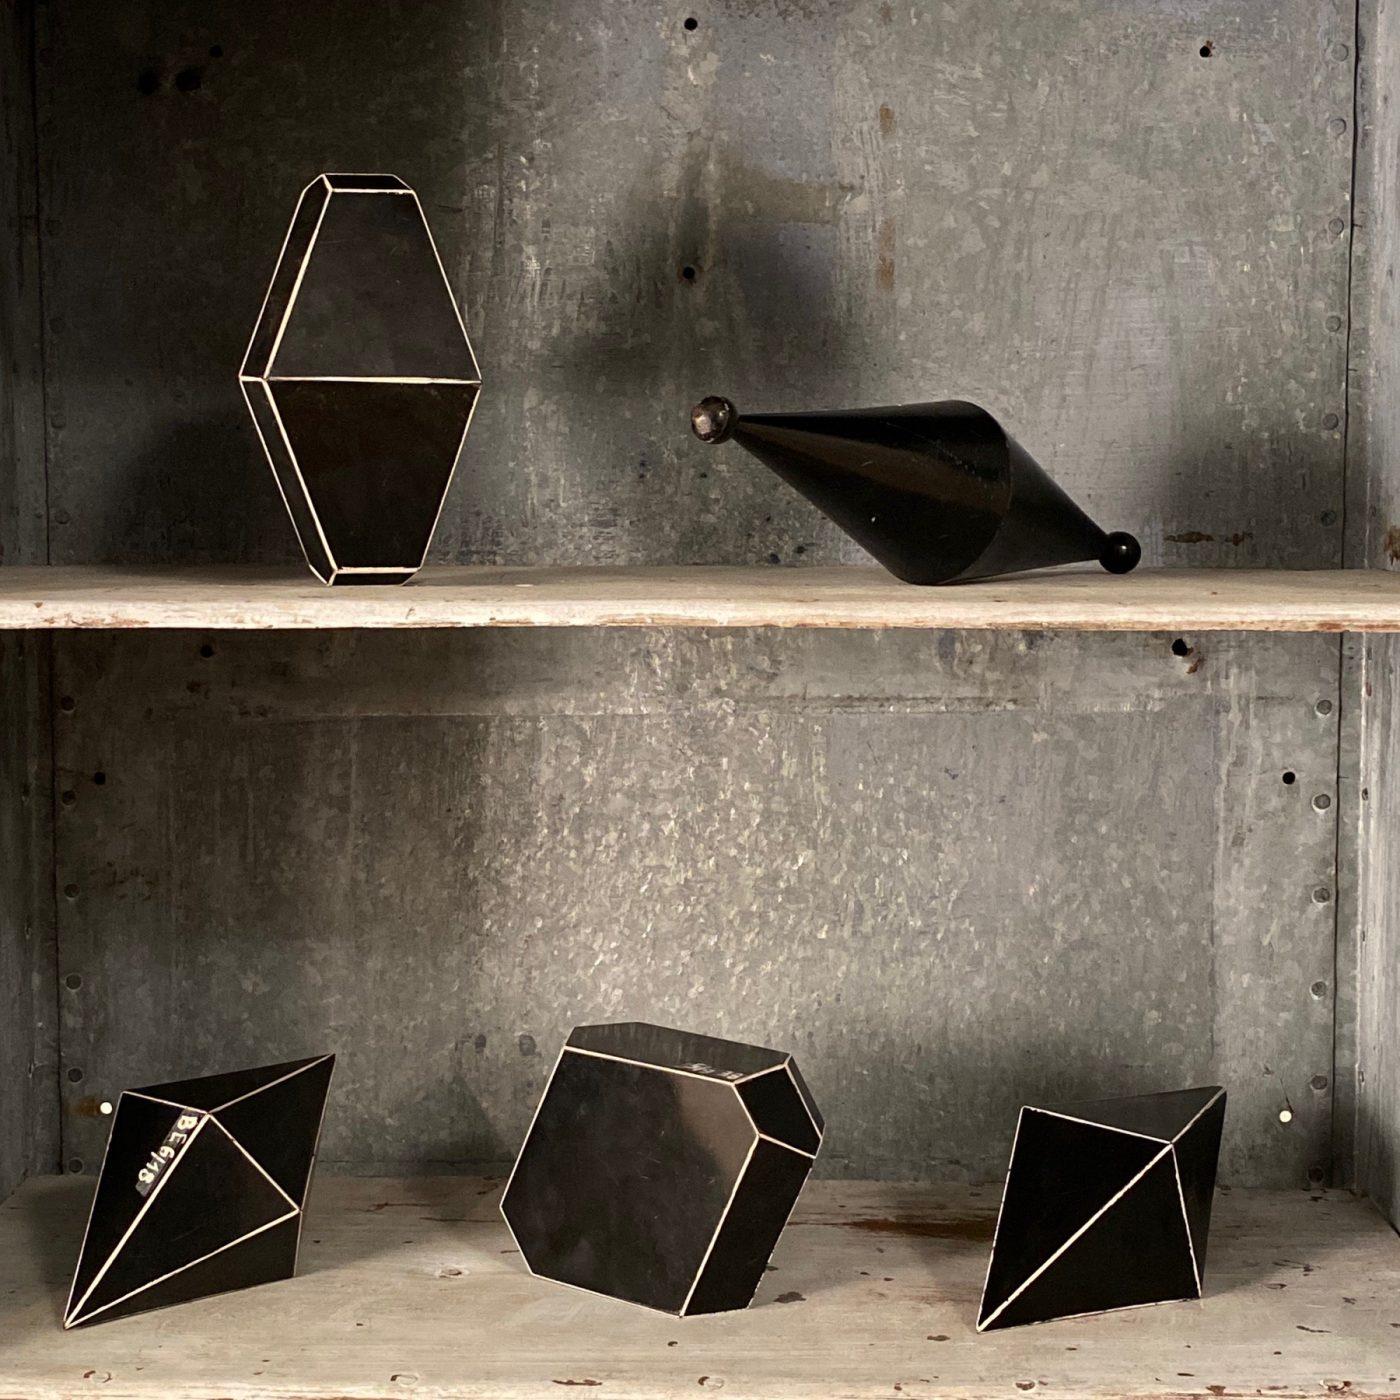 objet-vagabond-mineral-forms0001